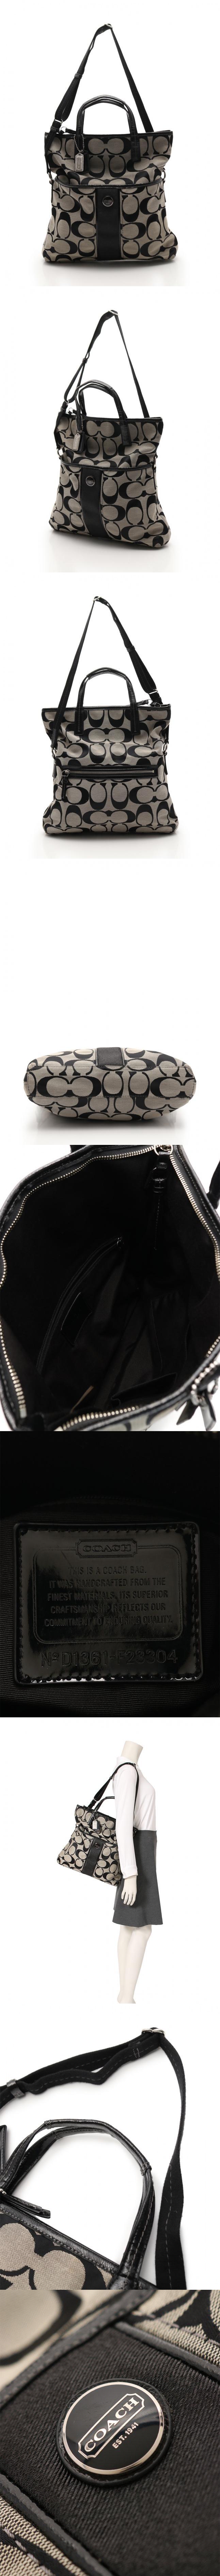 トートバッグ シグネチャーフィールドオーバー グレー 黒 F23304 キャンバス エナメルレザー